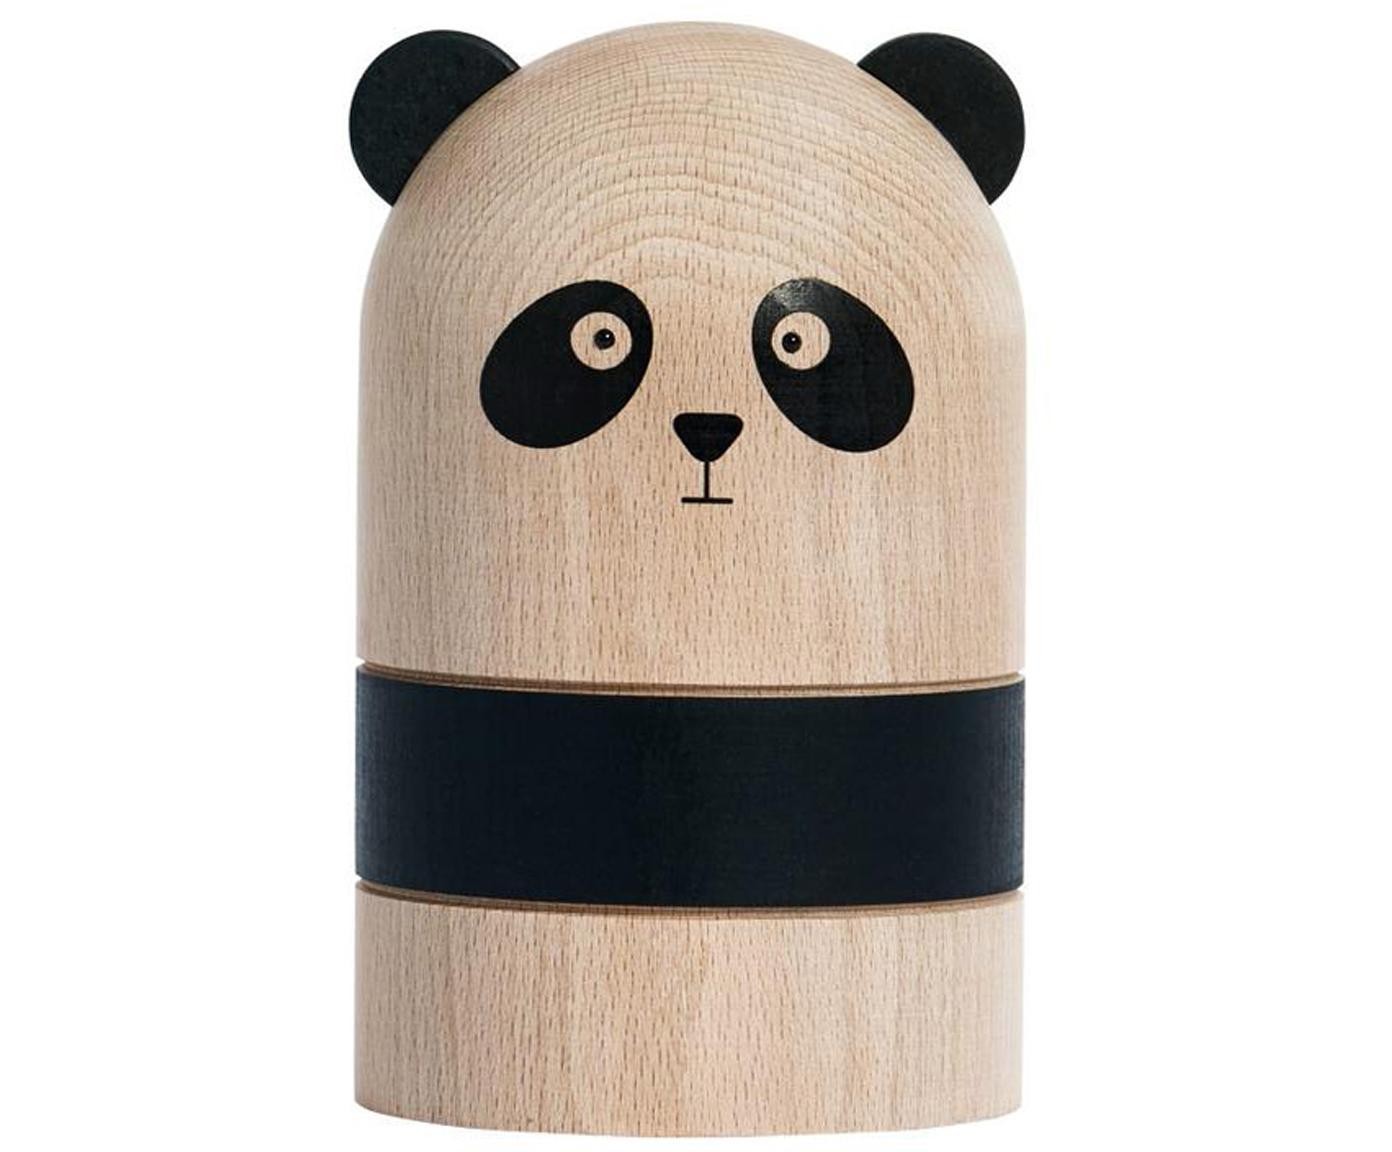 Salvadanaio Panda, Legno di faggio, Legno, nero, Ø 10 x Alt. 15 cm